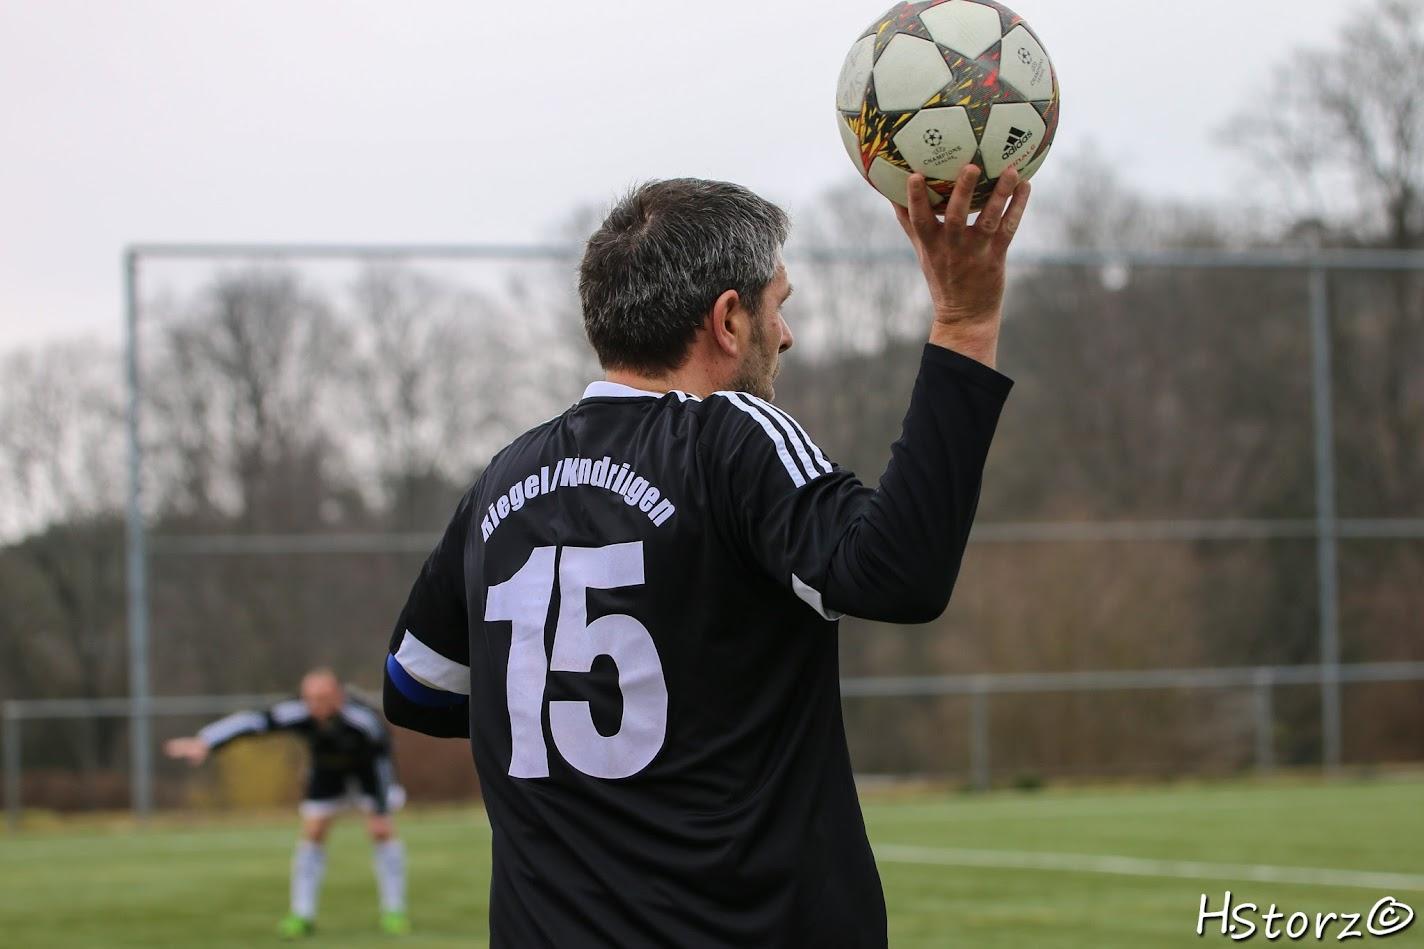 Ü-35 Bezirkspokal SV Endingen – SG Riegel/Köndringen 3:1 (1:1)